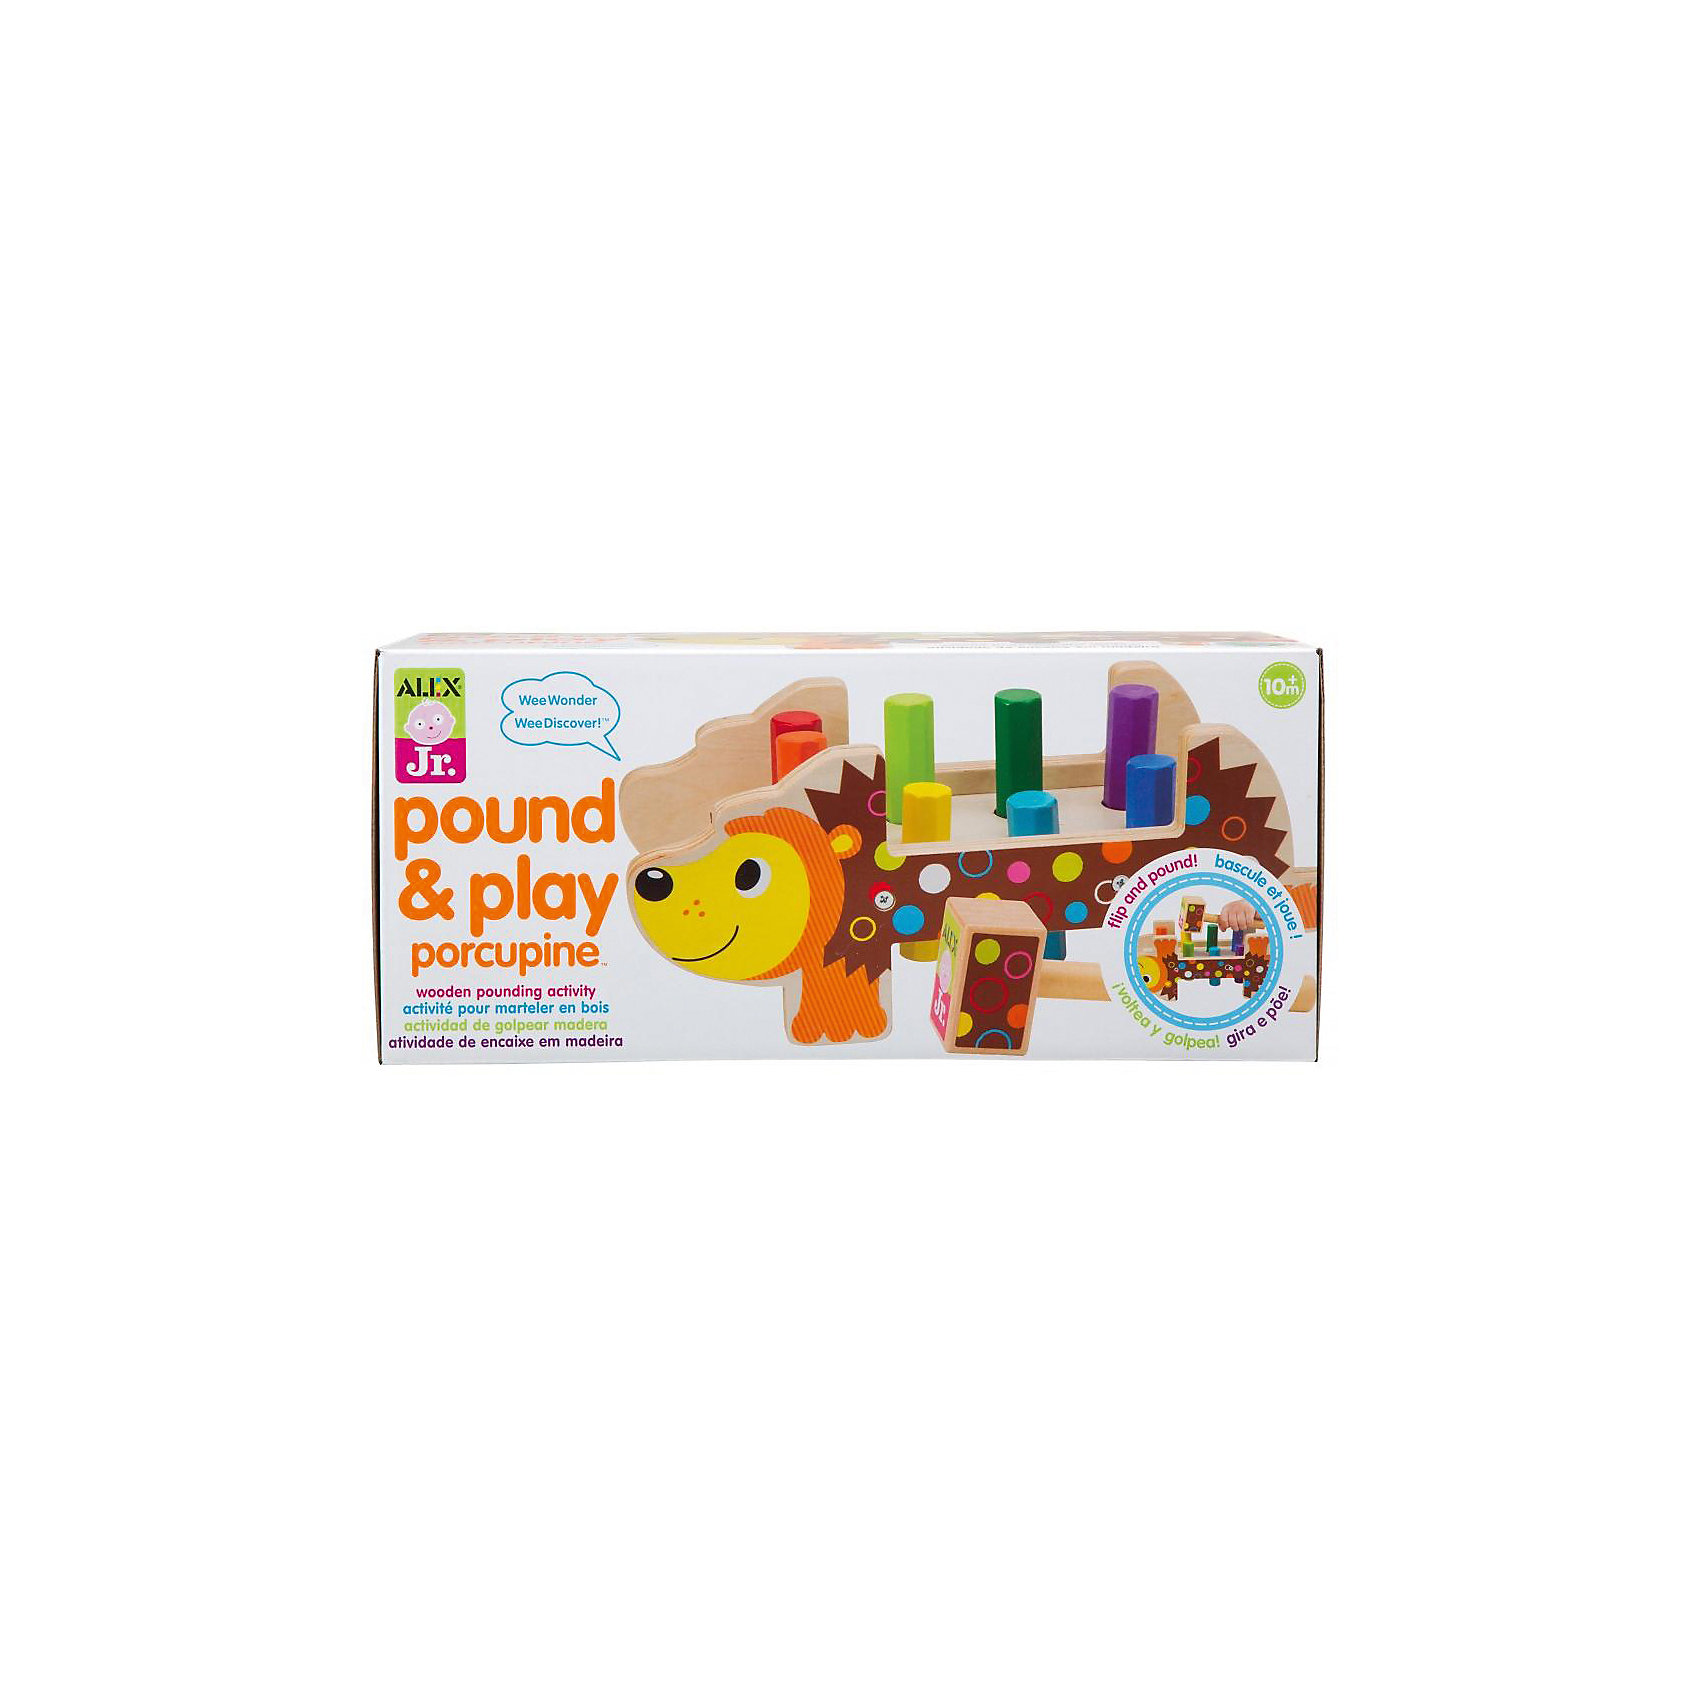 Набор Дикобраз, ALEXРазвивающие игрушки<br>Набор Дикобраз, ALEX (АЛЕКС) - это красочная игрушка-стучалка для самых маленьких.<br>Набор Дикобраз, ALEX (АЛЕКС) - развивающая игрушка, которая будет интересна малышам. Основание с восемью отверстиями, выполнено в виде красочного дикобраза. С помощью молоточка, входящего в комплект, малышу предлагается «забивать» в отверстия длинные разноцветные стержни. Набор развивает цветовосприятие, координацию, логику, мелкую моторику. Выполнен из древесины и окрашен безопасными для здоровья малыша красками.<br><br>Дополнительная информация:<br><br>- В наборе: деревянная основа; 8 разноцветных стержней; молоток<br>- Материал: древесина<br>- Размер игрушки: 30,5x12,5x12,5 см.<br>- Размеры упаковки: 31,8x14x14 см.<br><br>Набор Дикобраз, ALEX (АЛЕКС) можно купить в нашем интернет-магазине.<br><br>Ширина мм: 140<br>Глубина мм: 140<br>Высота мм: 320<br>Вес г: 940<br>Возраст от месяцев: 18<br>Возраст до месяцев: 36<br>Пол: Унисекс<br>Возраст: Детский<br>SKU: 4771342